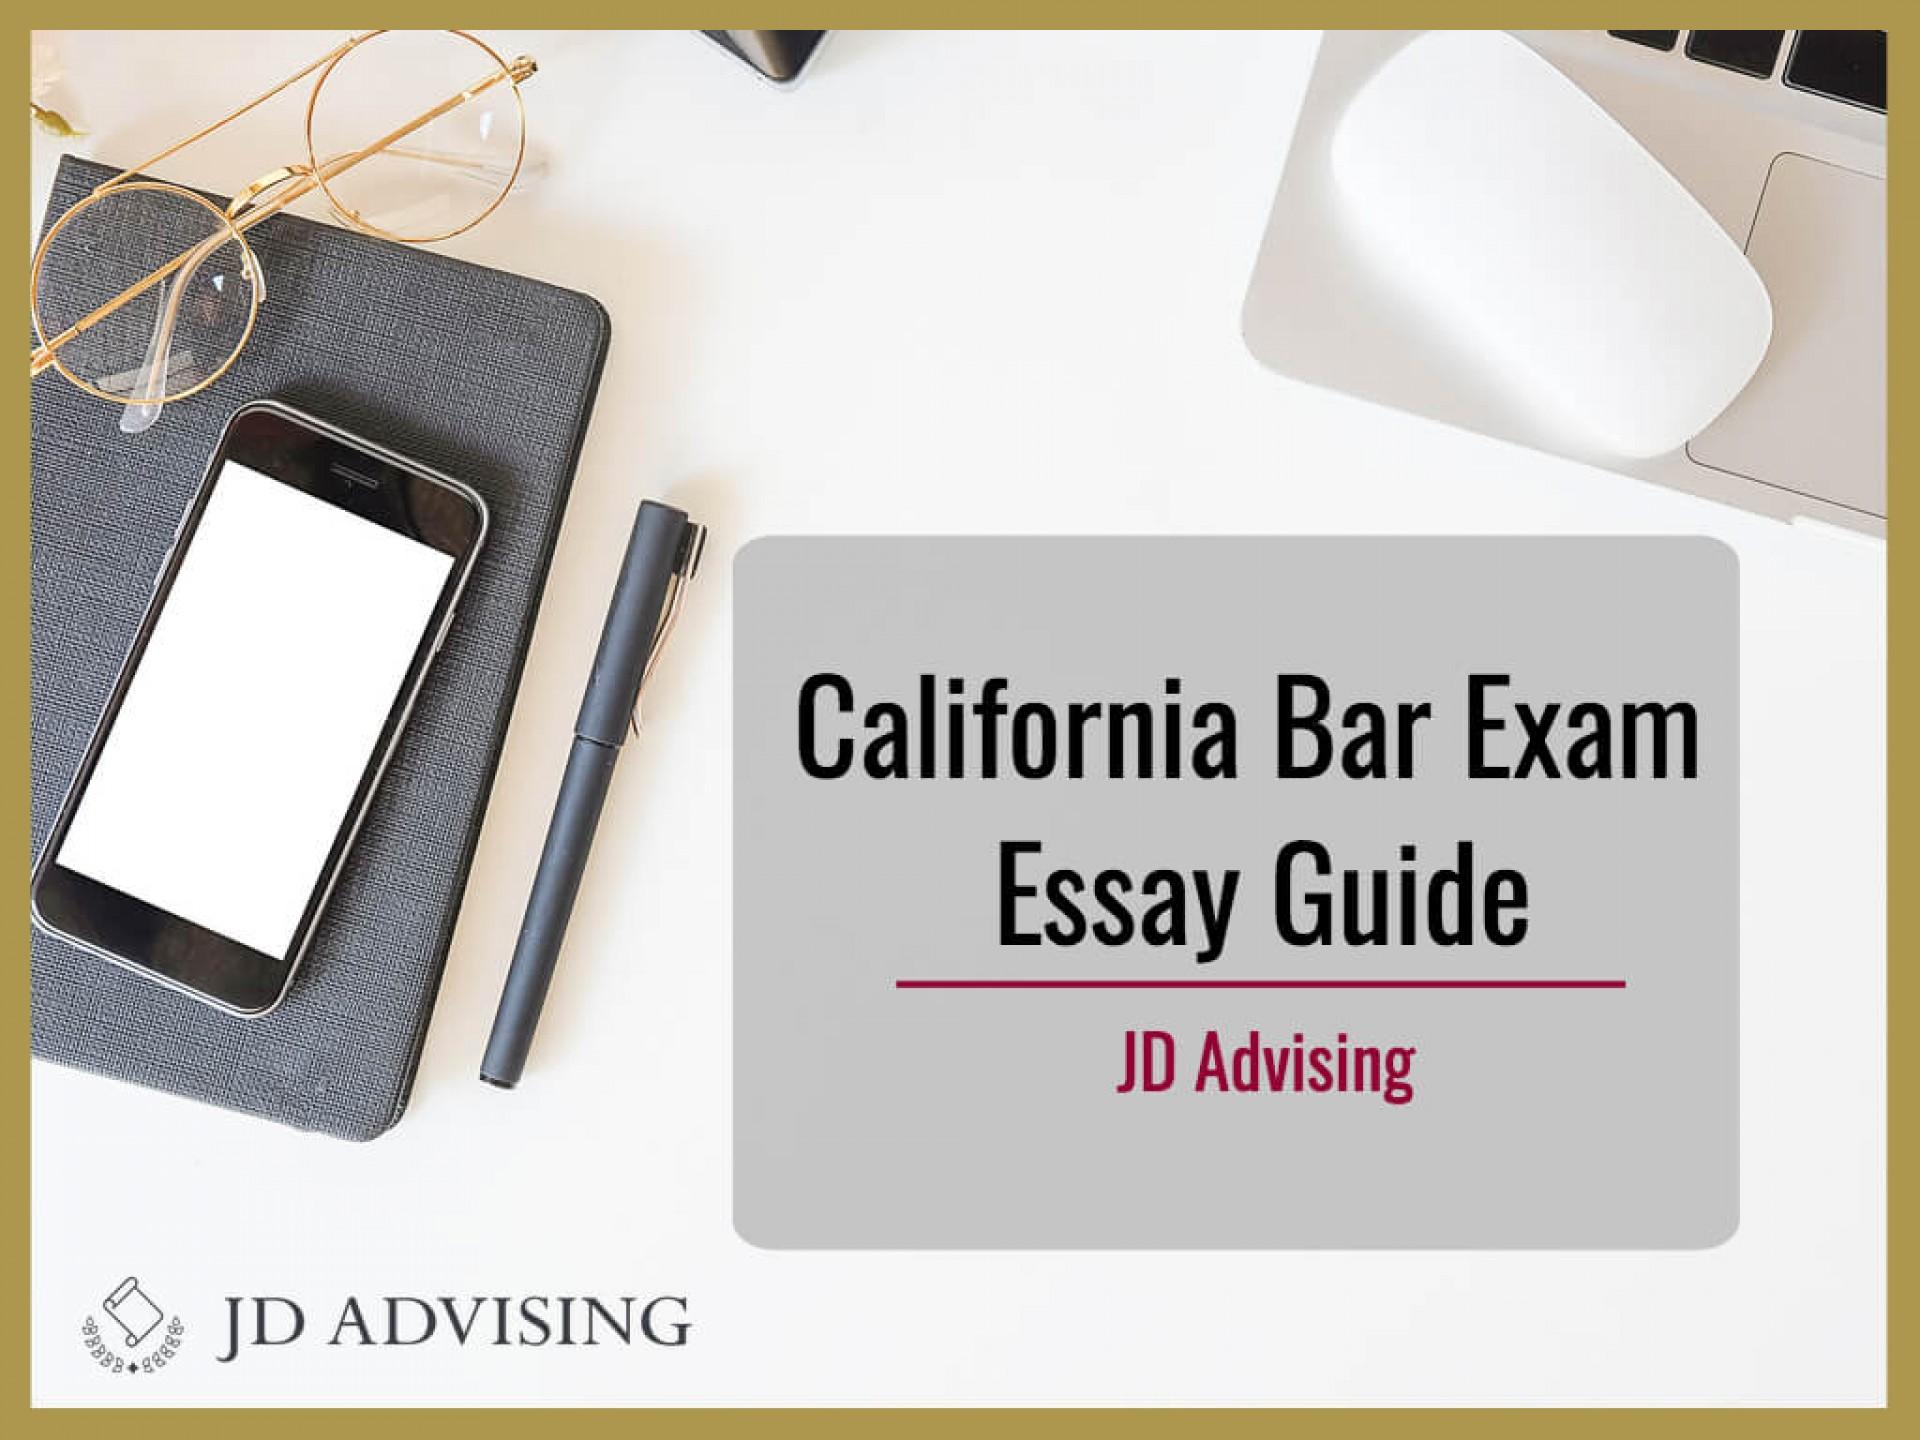 007 Essay Example California Bar Essays Exam Marvelous July 2017 Graded February 2018 1920